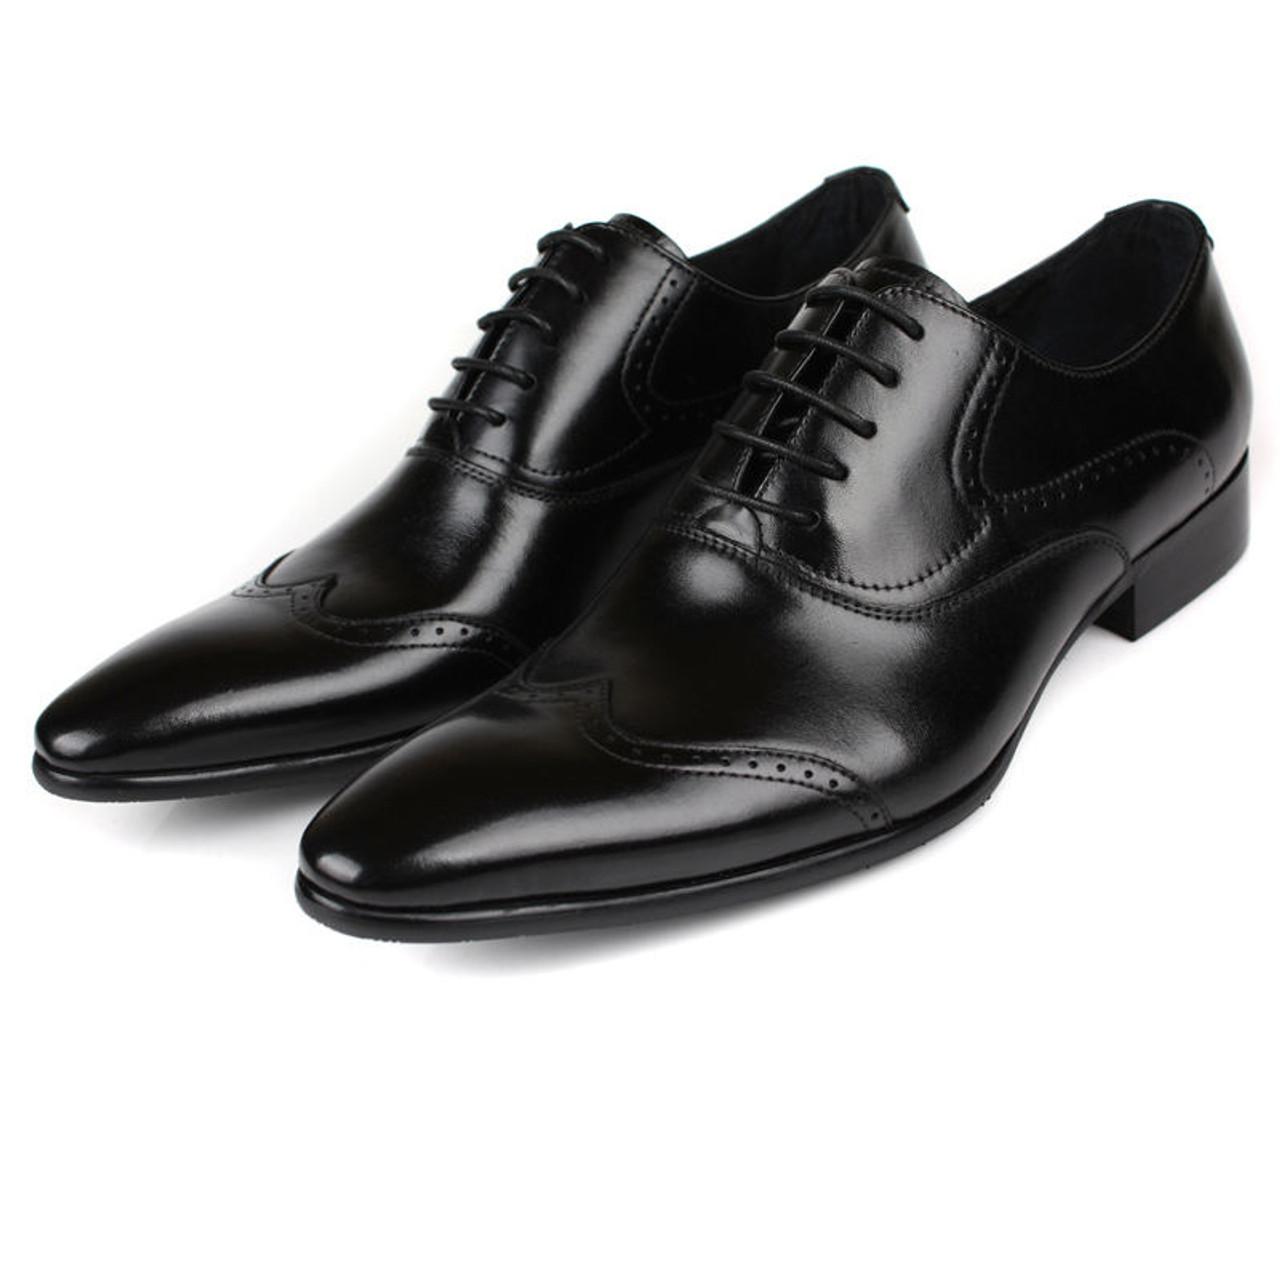 Mens Shoes Online Sale India